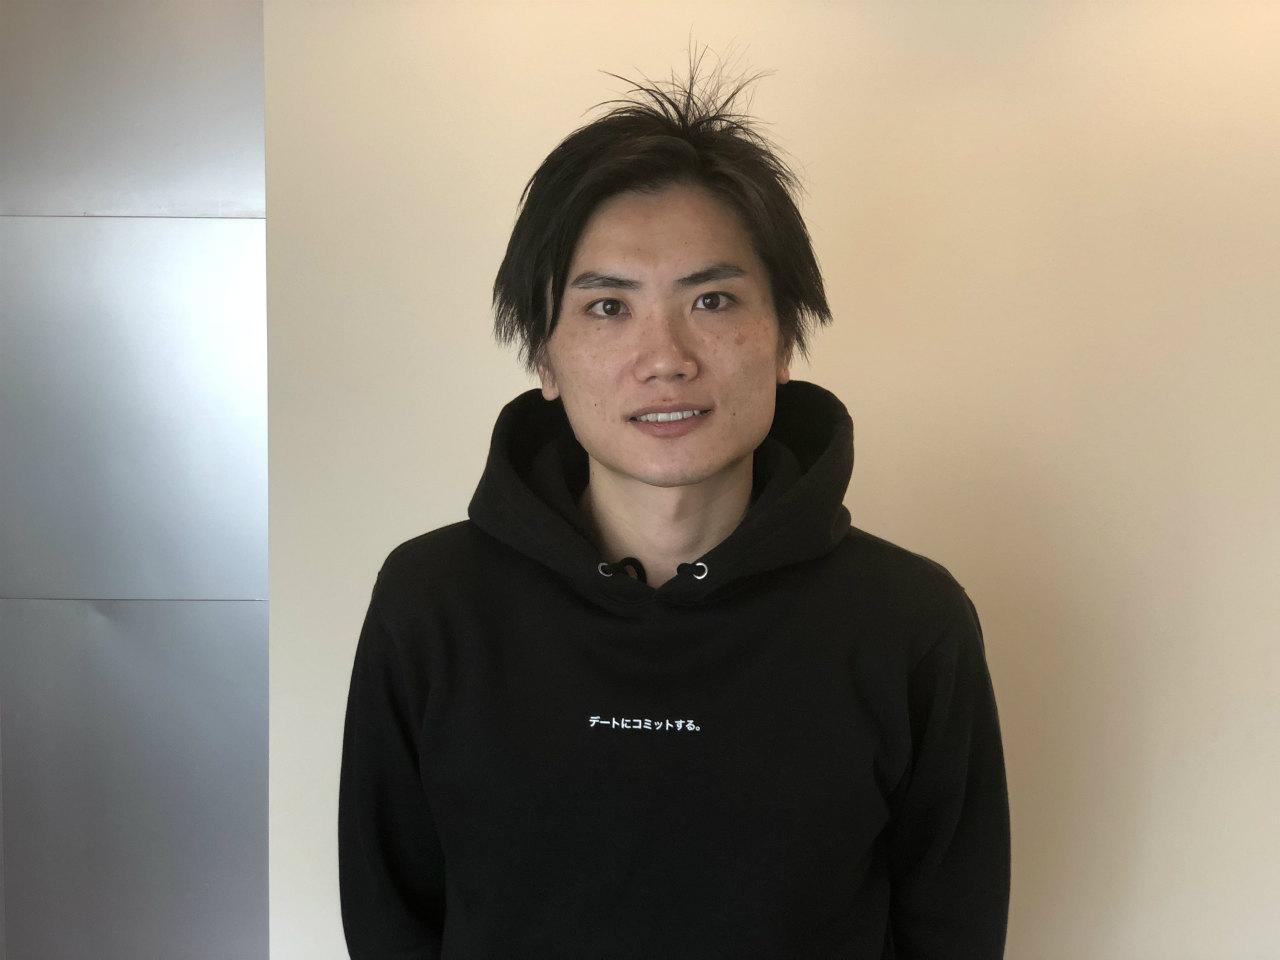 マッチングアプリ『Dine』の社長、上條 景介さんにインタビュー!「デートにコミットする」とはどういうことなのか?